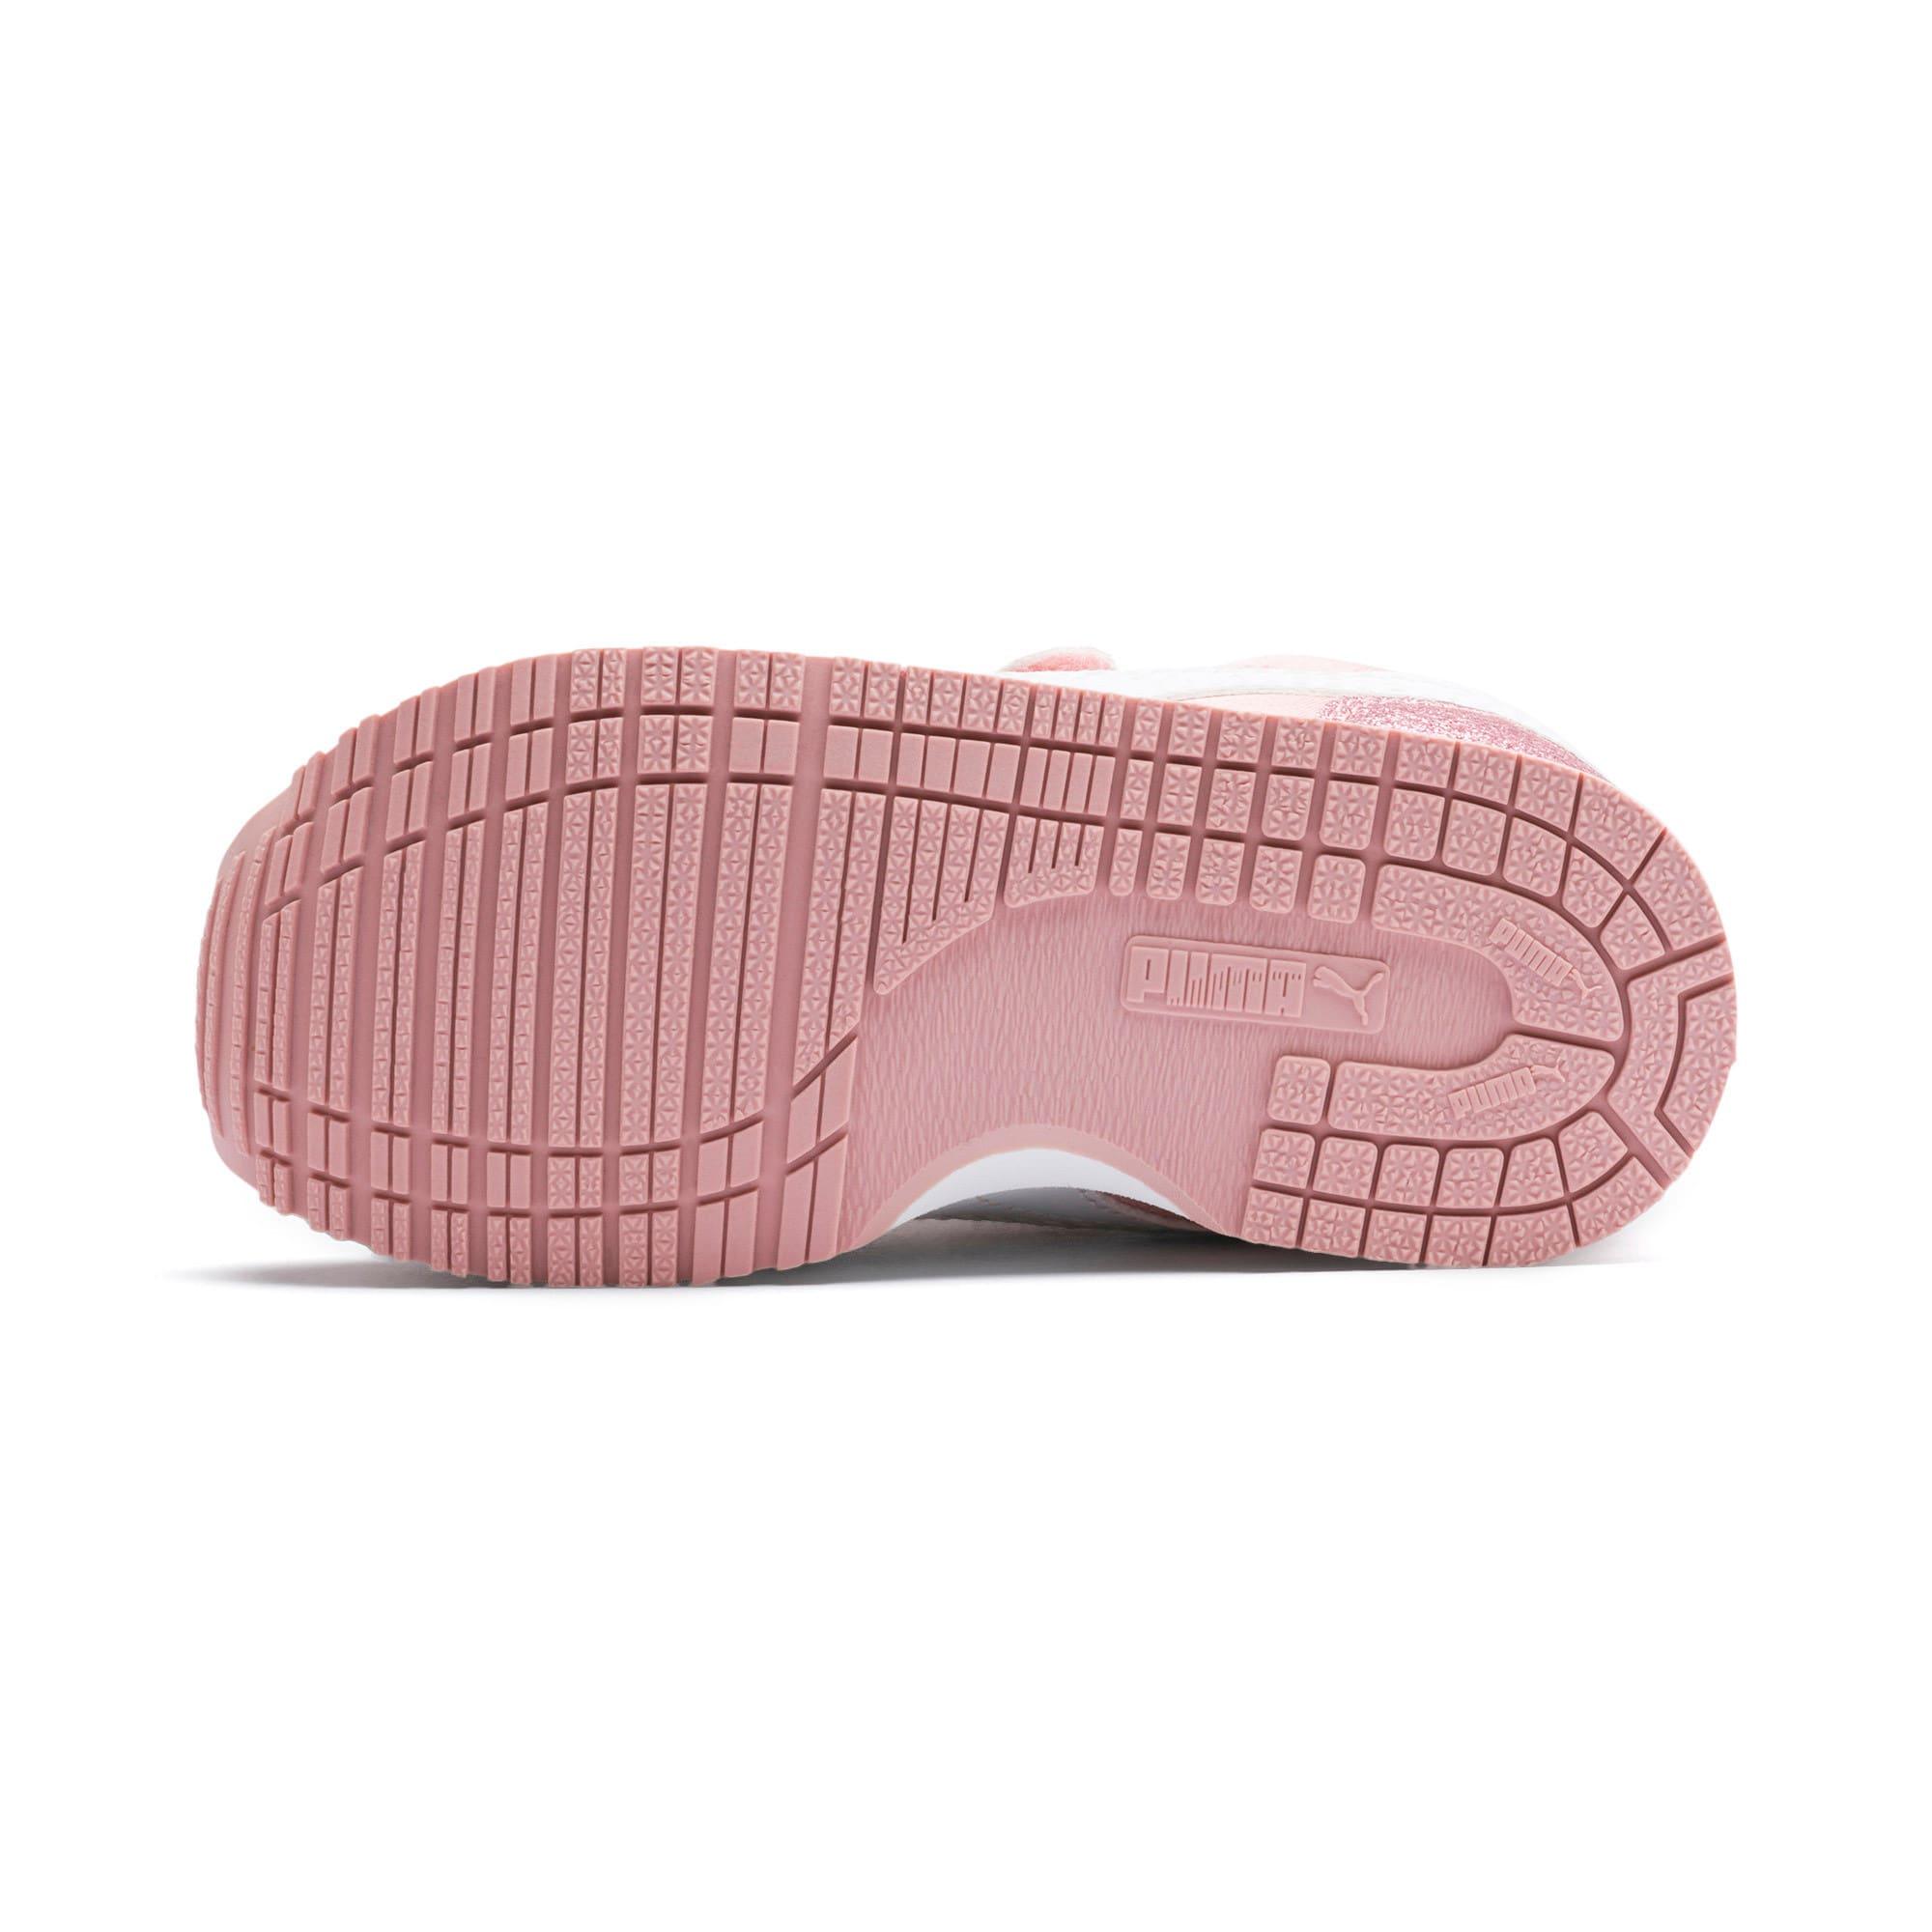 Miniatura 4 de Zapatos Cabana Racer Glitz AC INF, Bridal Rose-Puma White, mediano